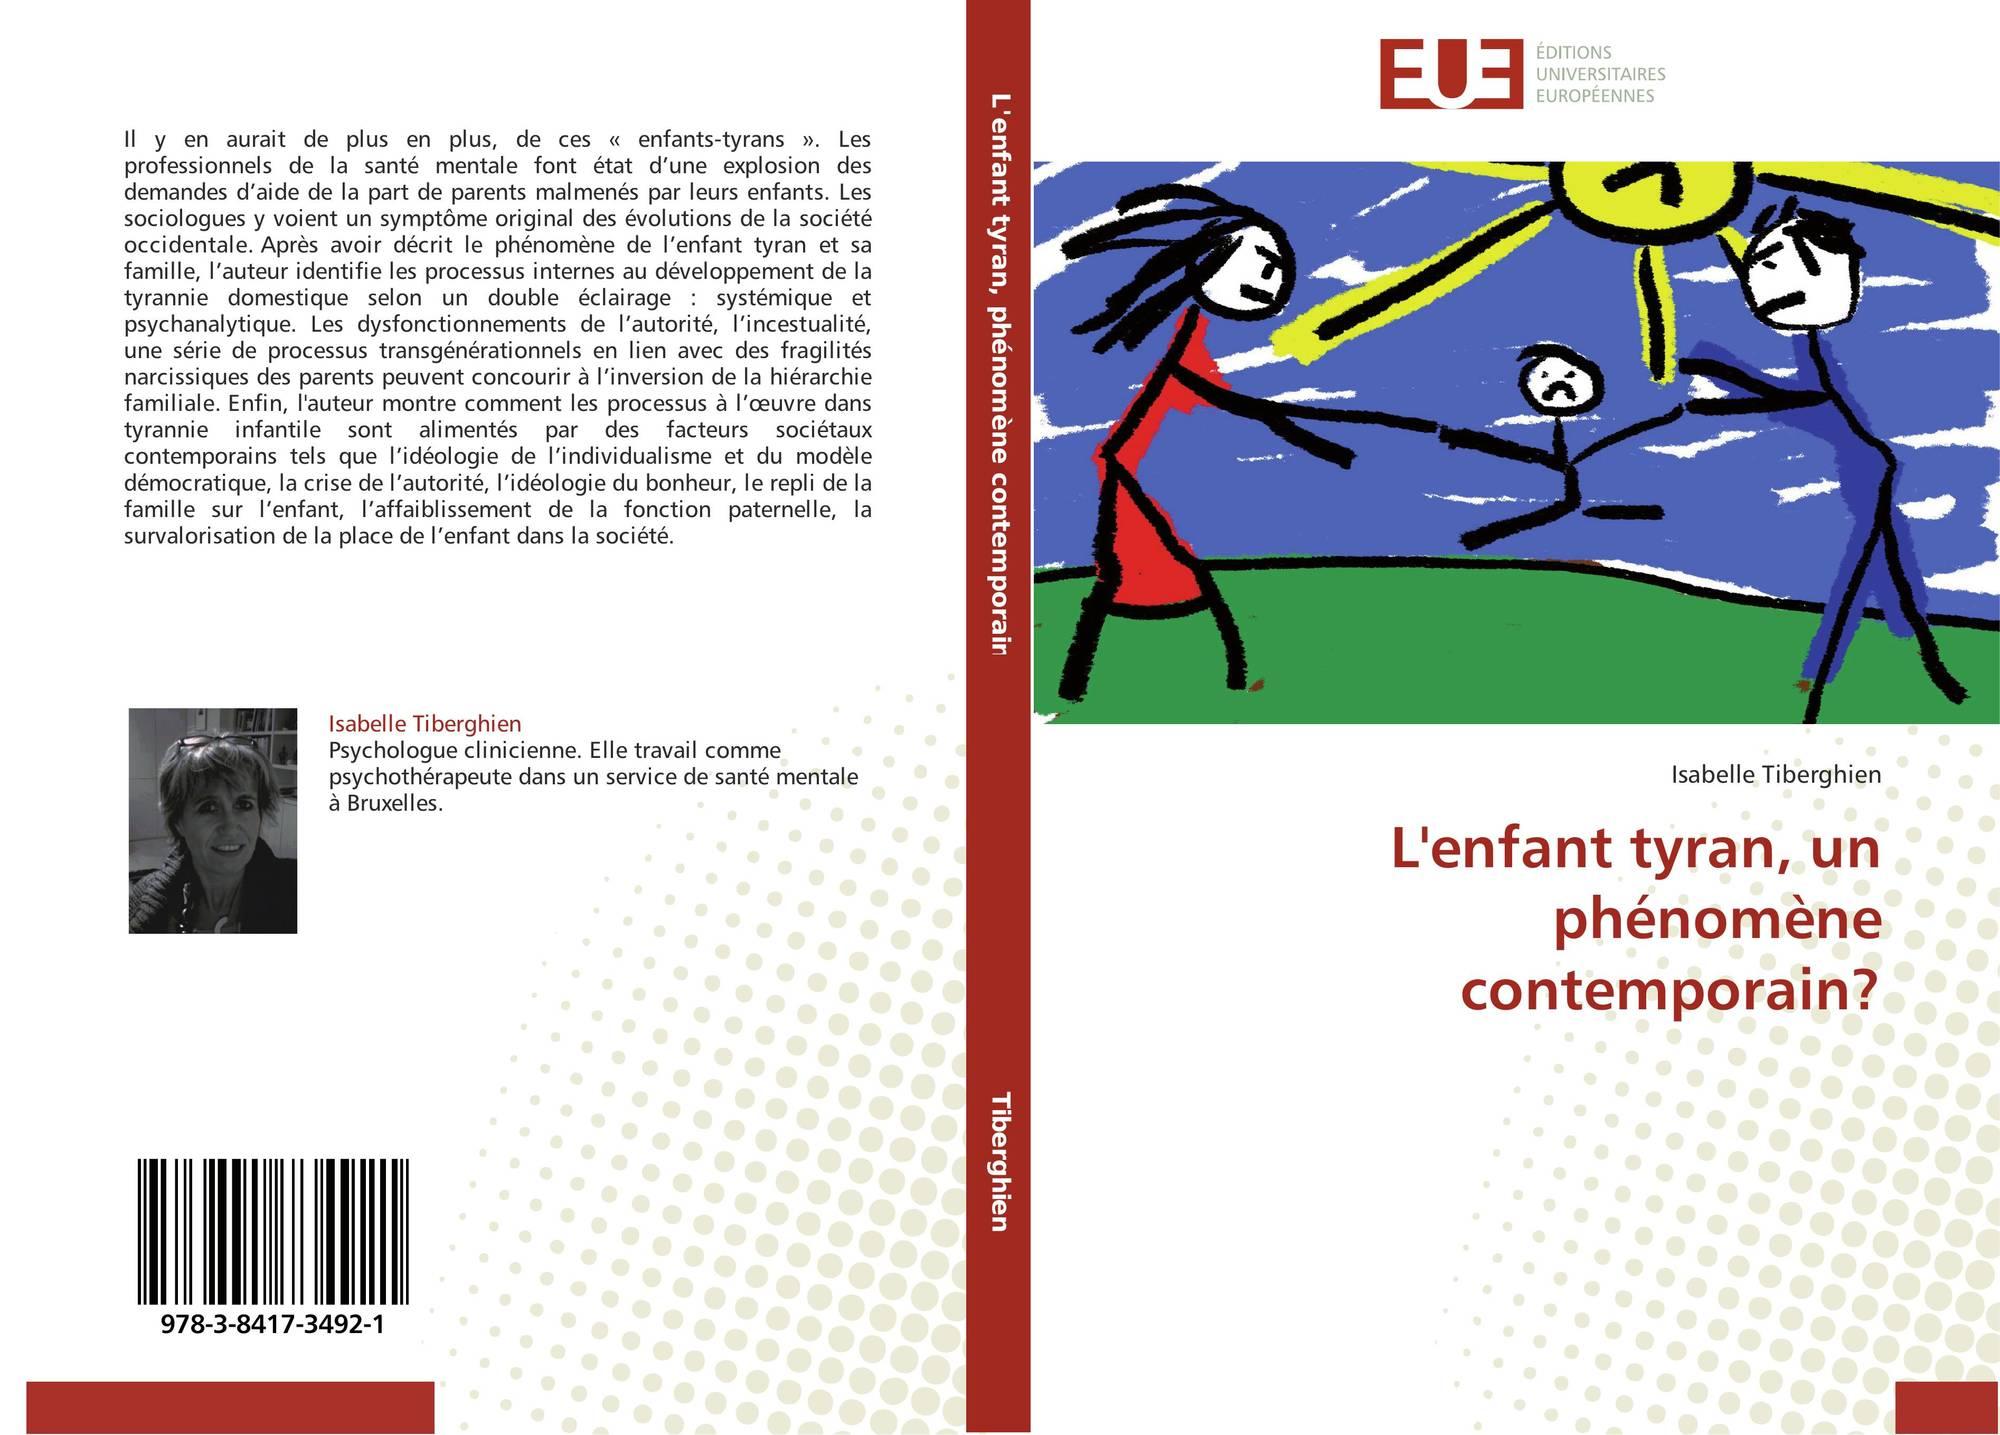 L'enfant tyran, un phénomène contemporain?, 978-3-8417-3492-1 ...